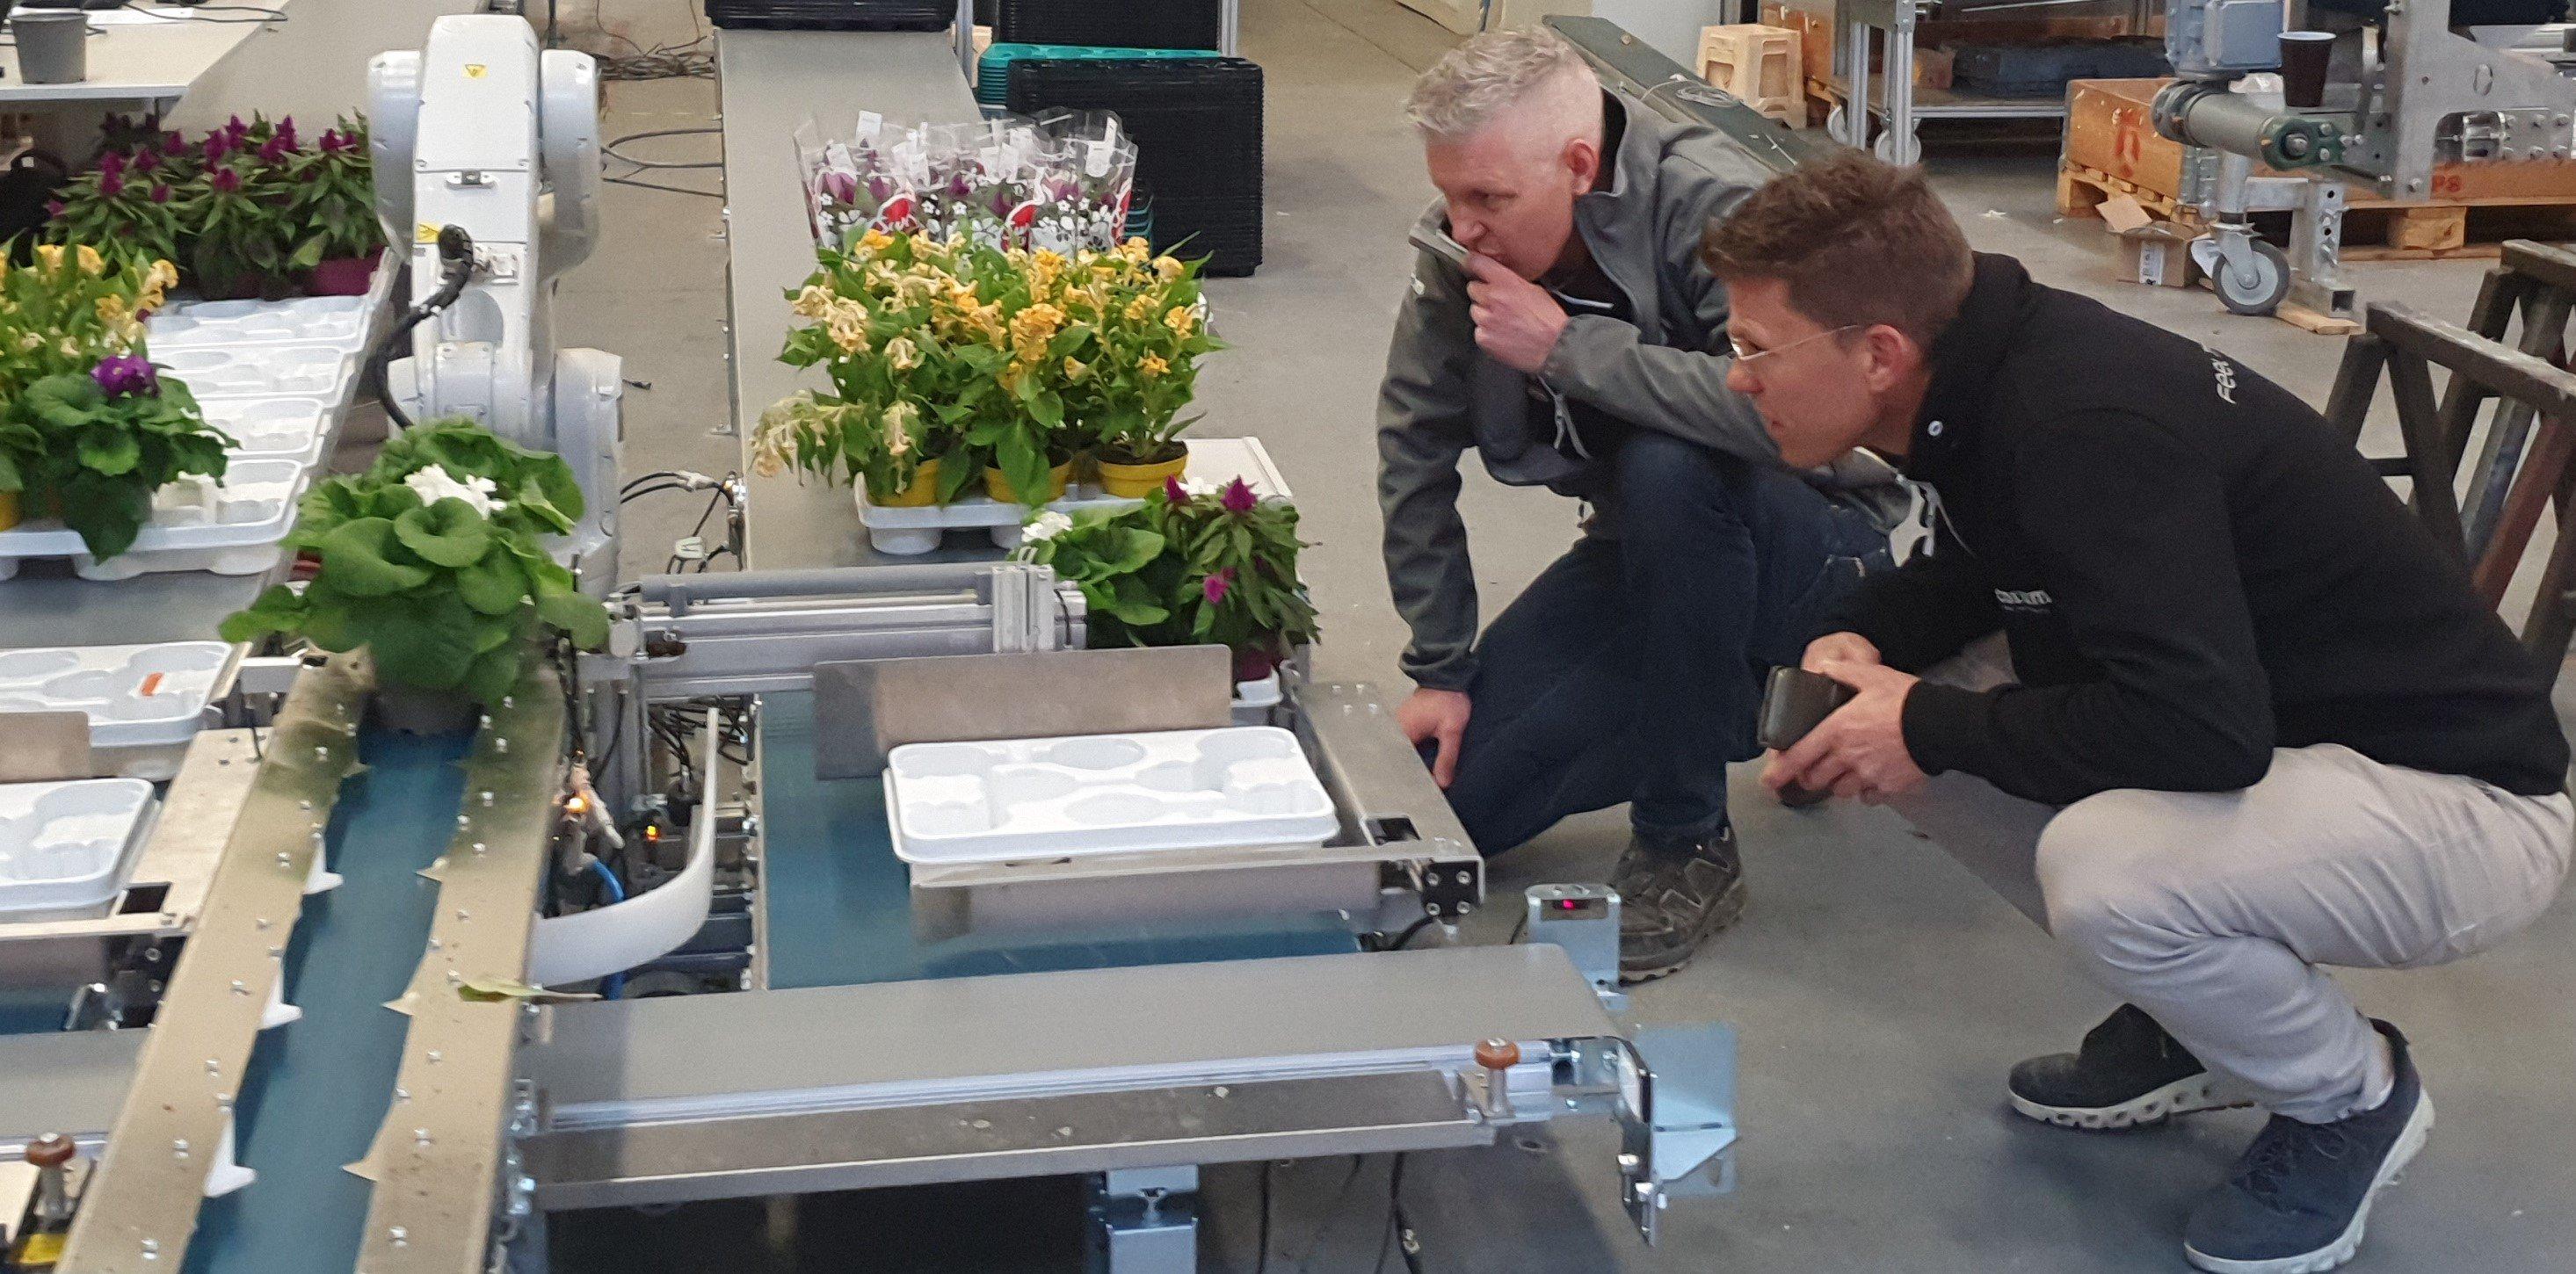 Inspectie van de robotarm